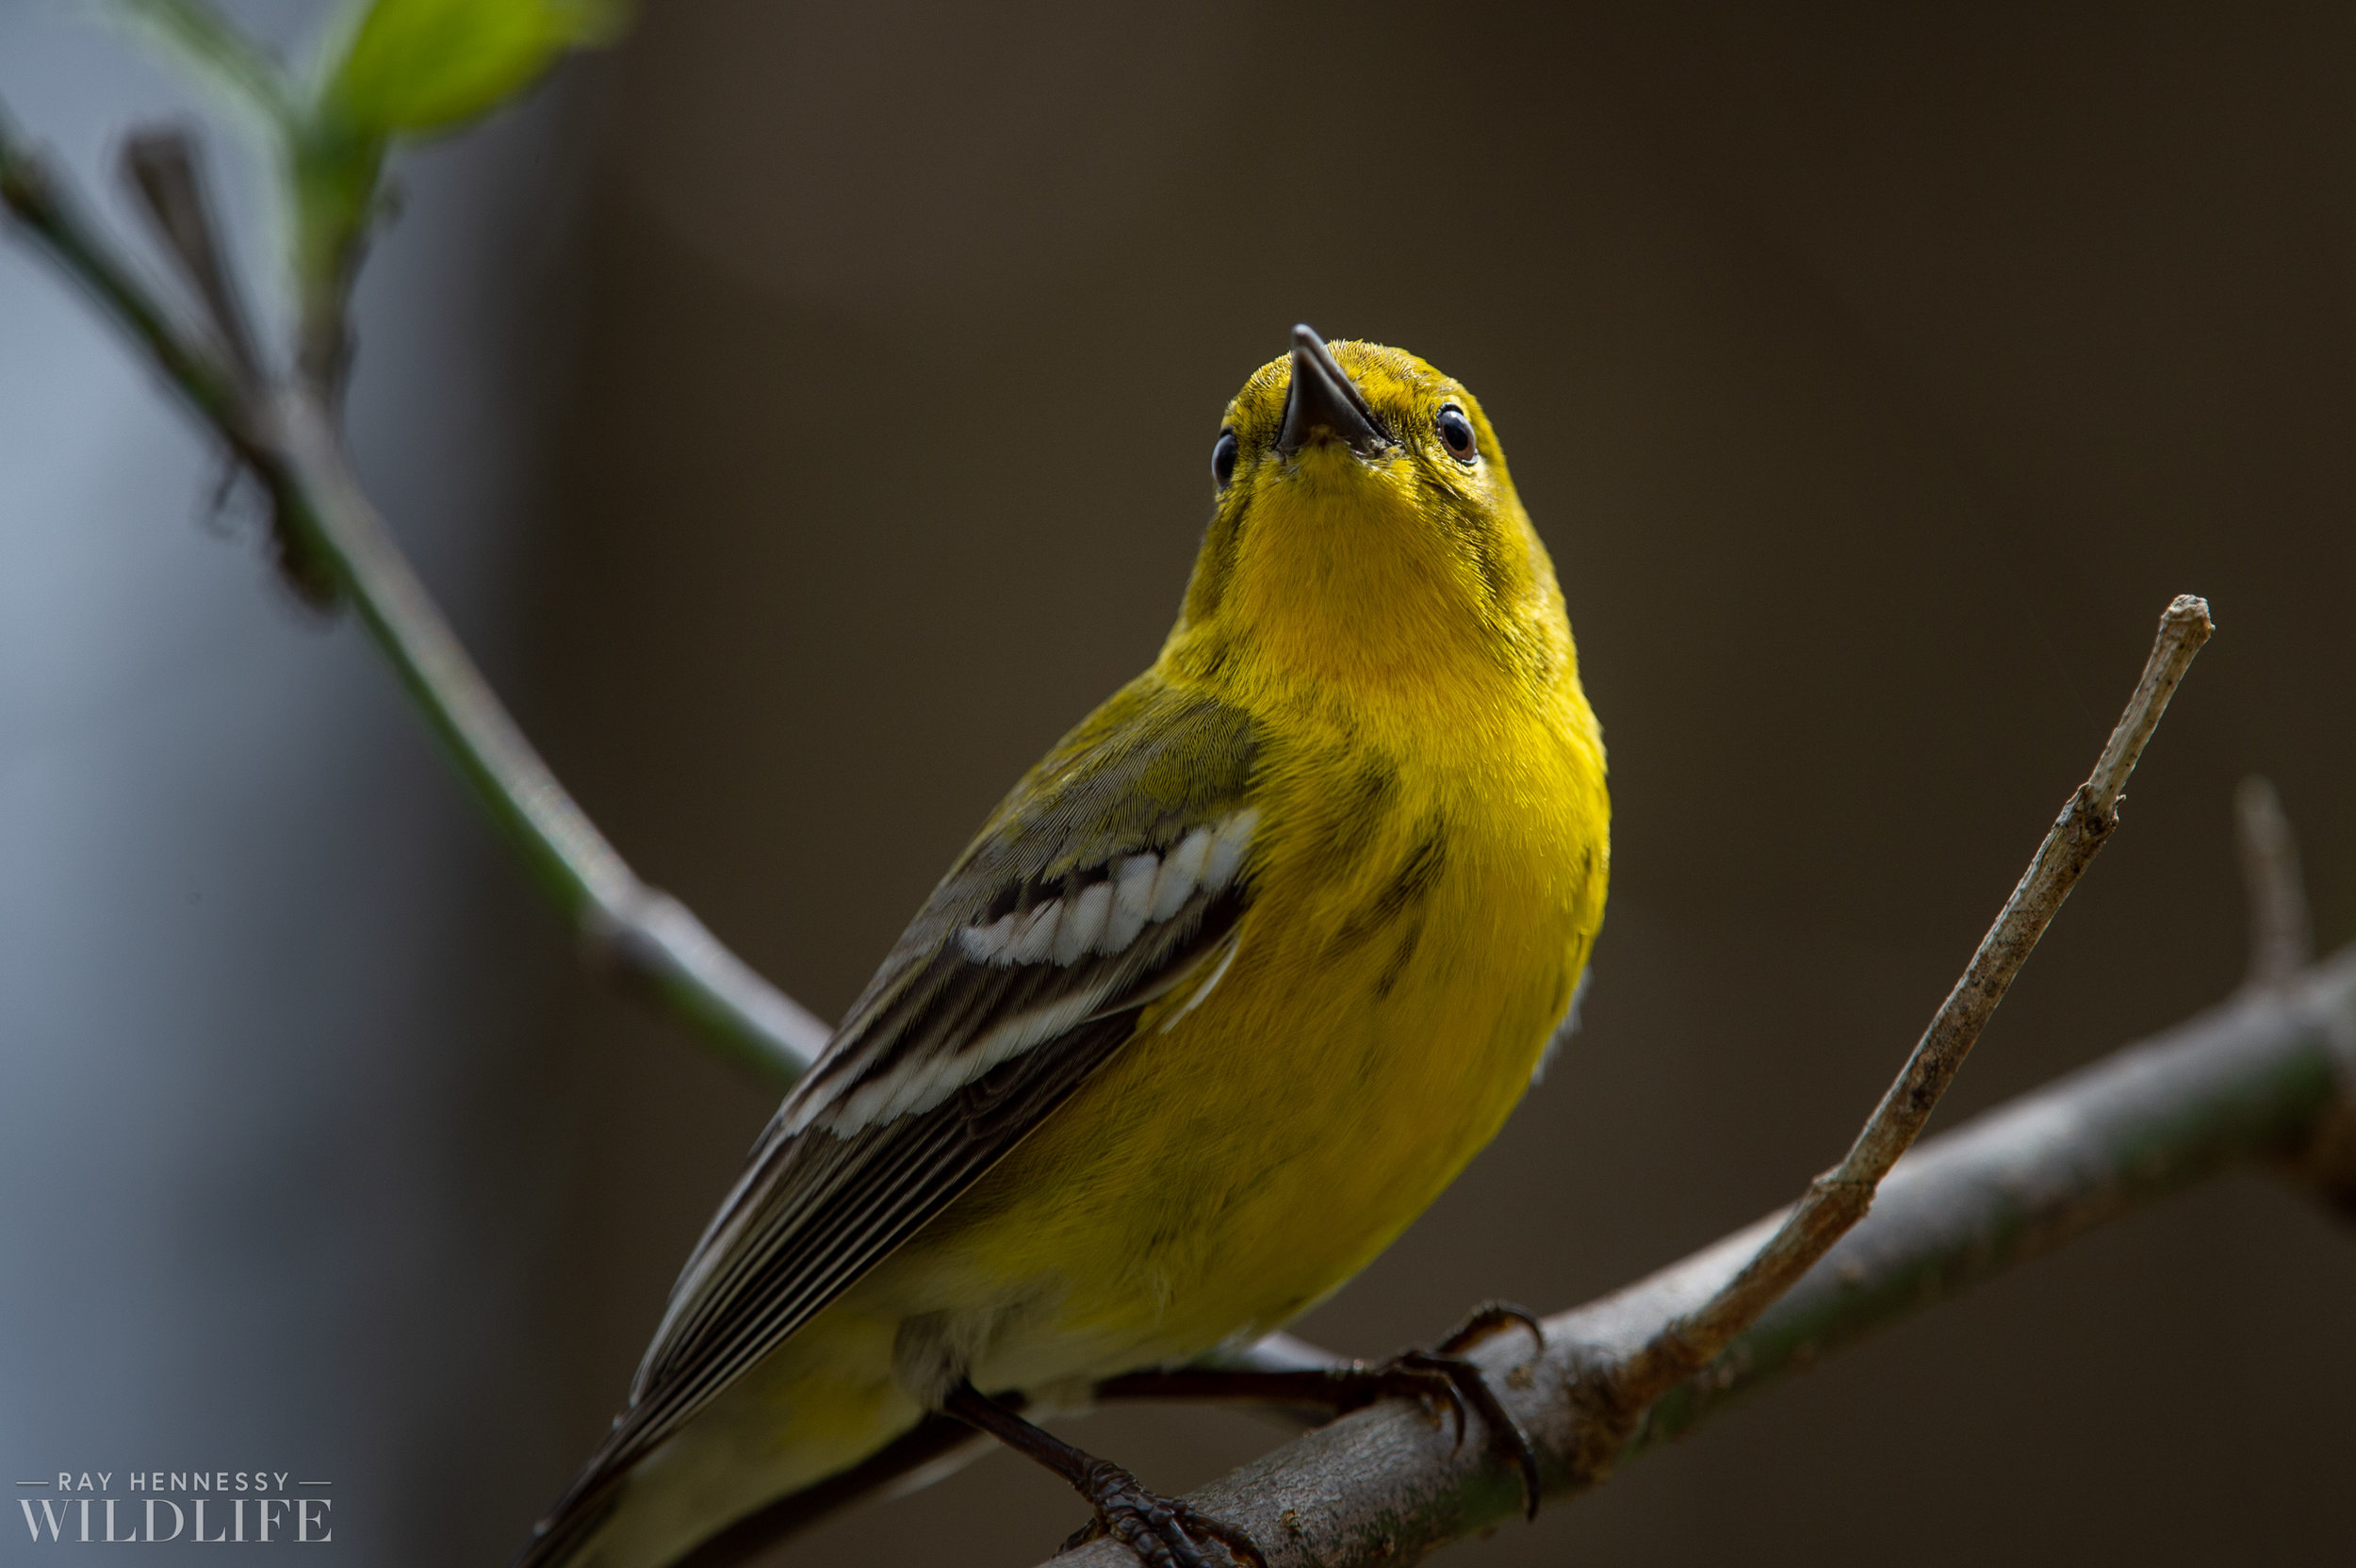 010_louisiana-waterthrush-pine-warbler.jpg